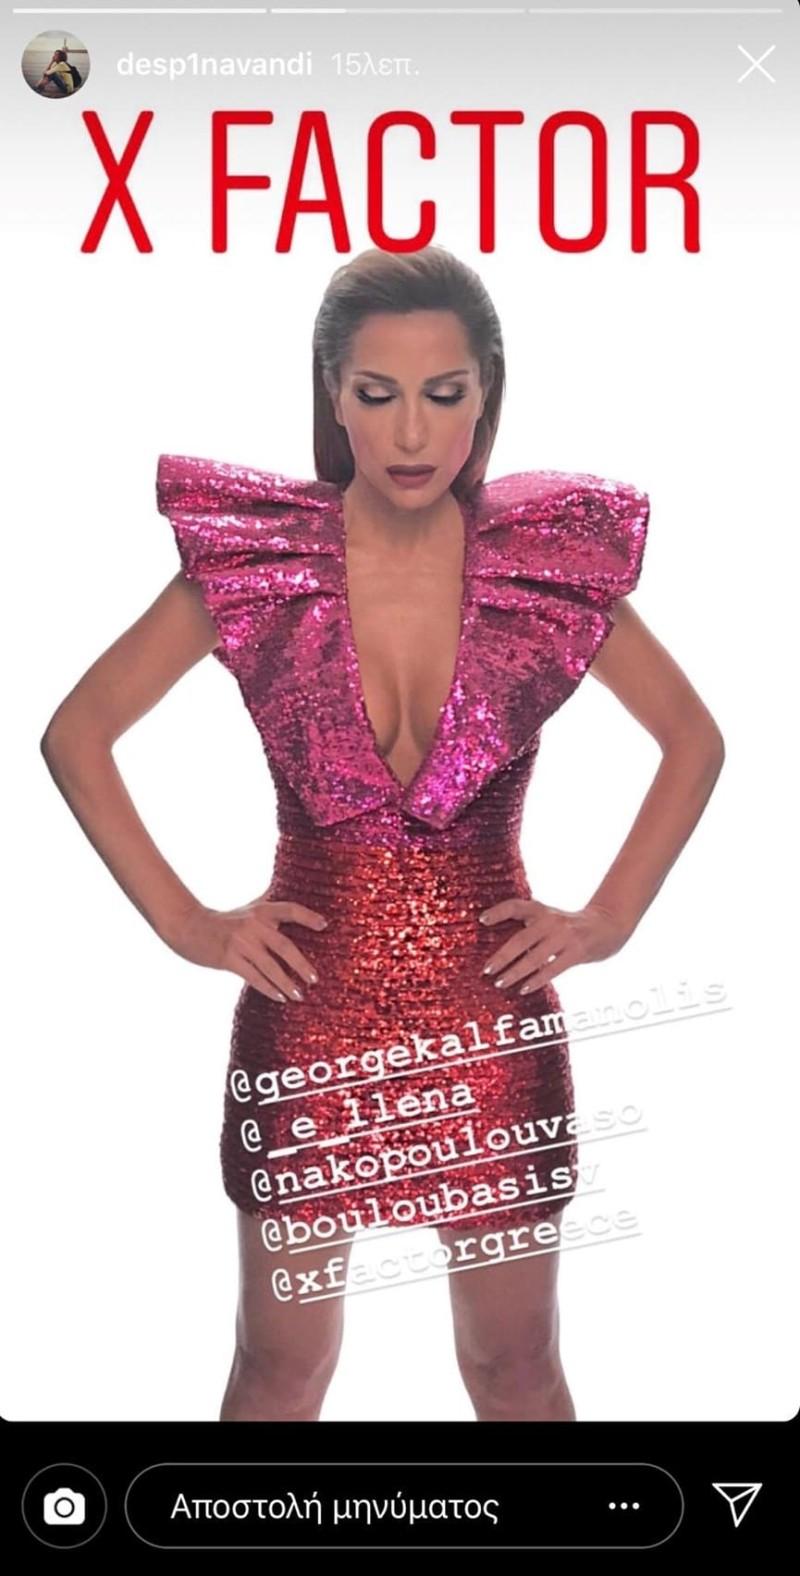 Δέσποινα Βανδή: Στην πρώτη επίσημη φωτογράφιση για το X-Factor!